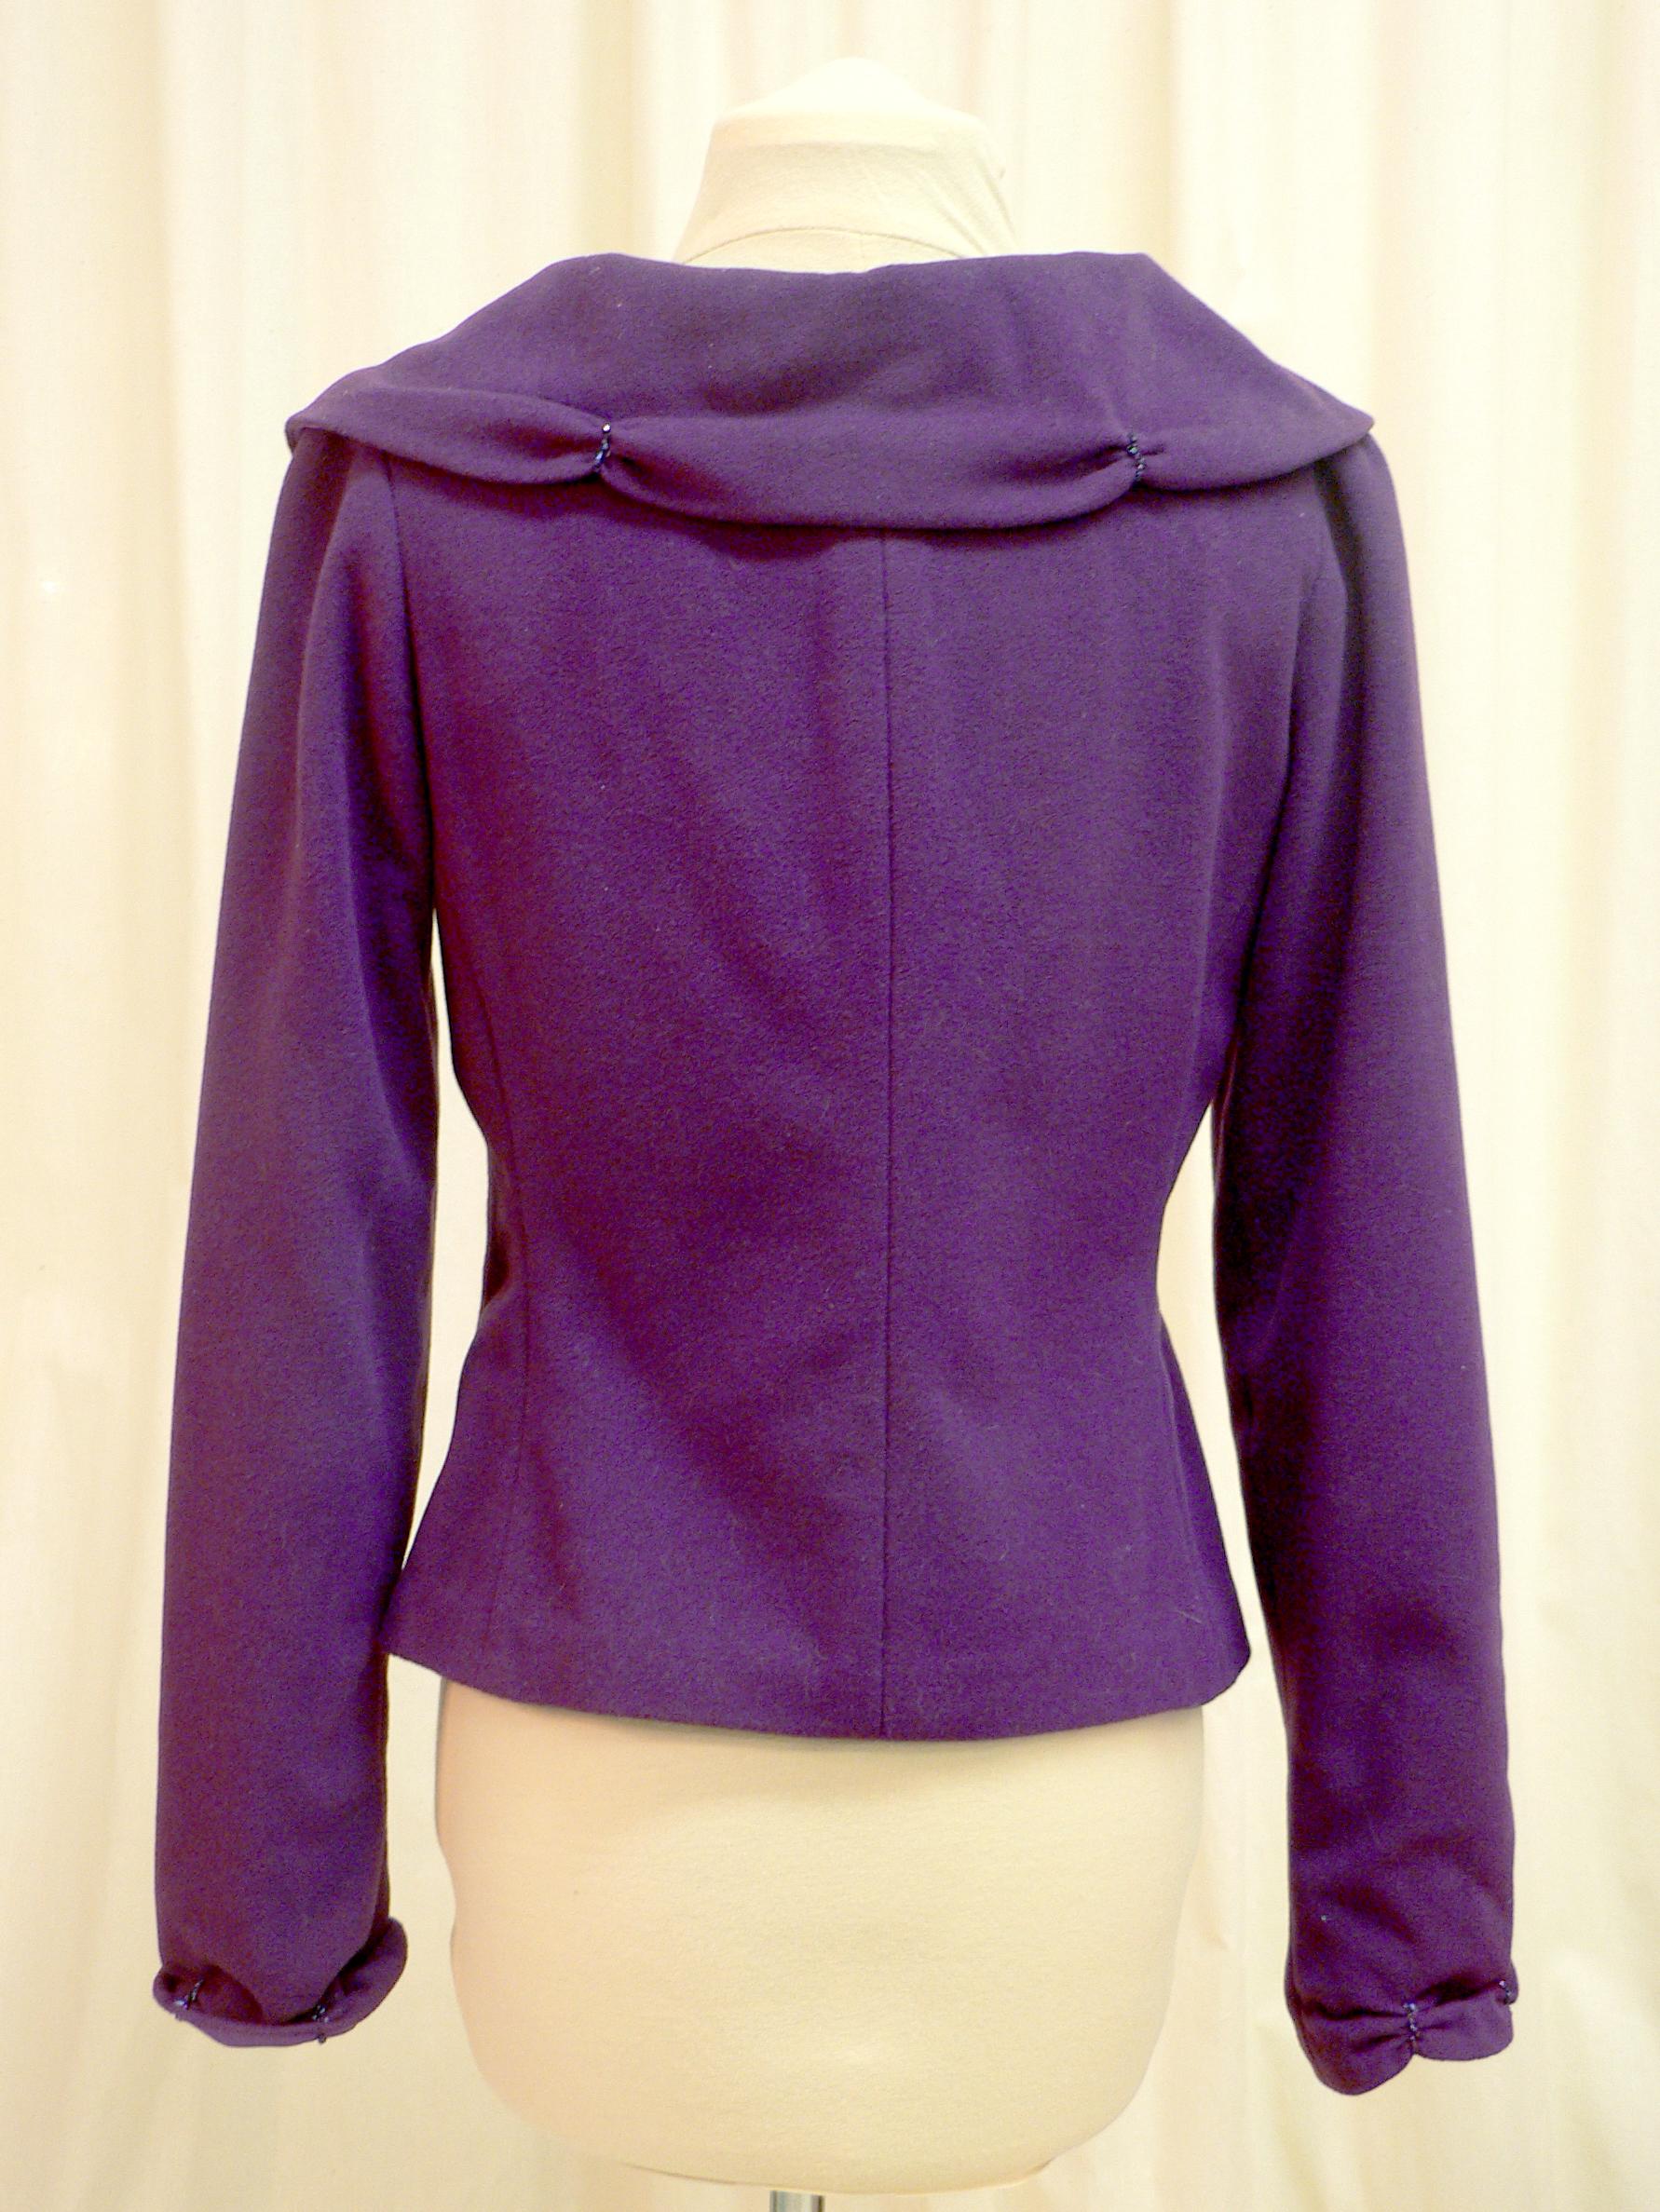 jacketvar07-4.JPG